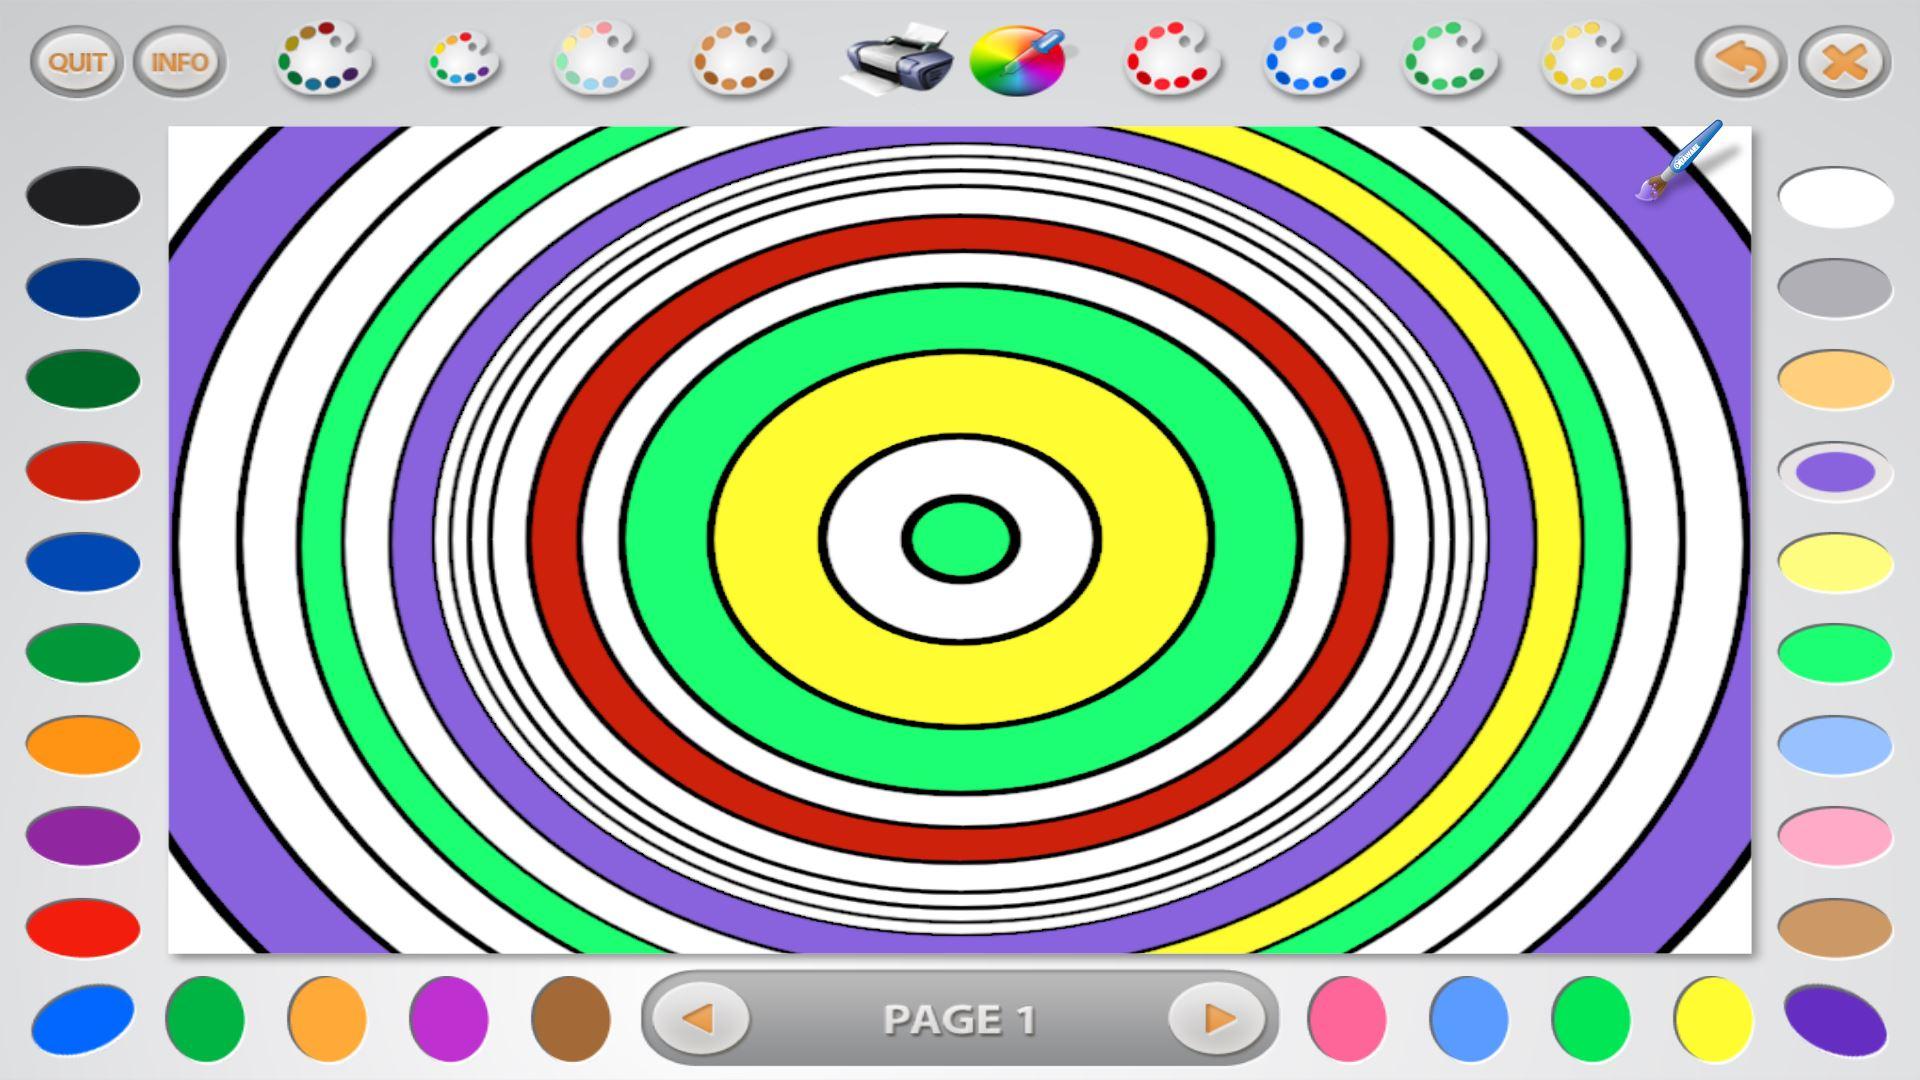 Coloring book kea - Coloring Book 26 Lite Screenshot 1